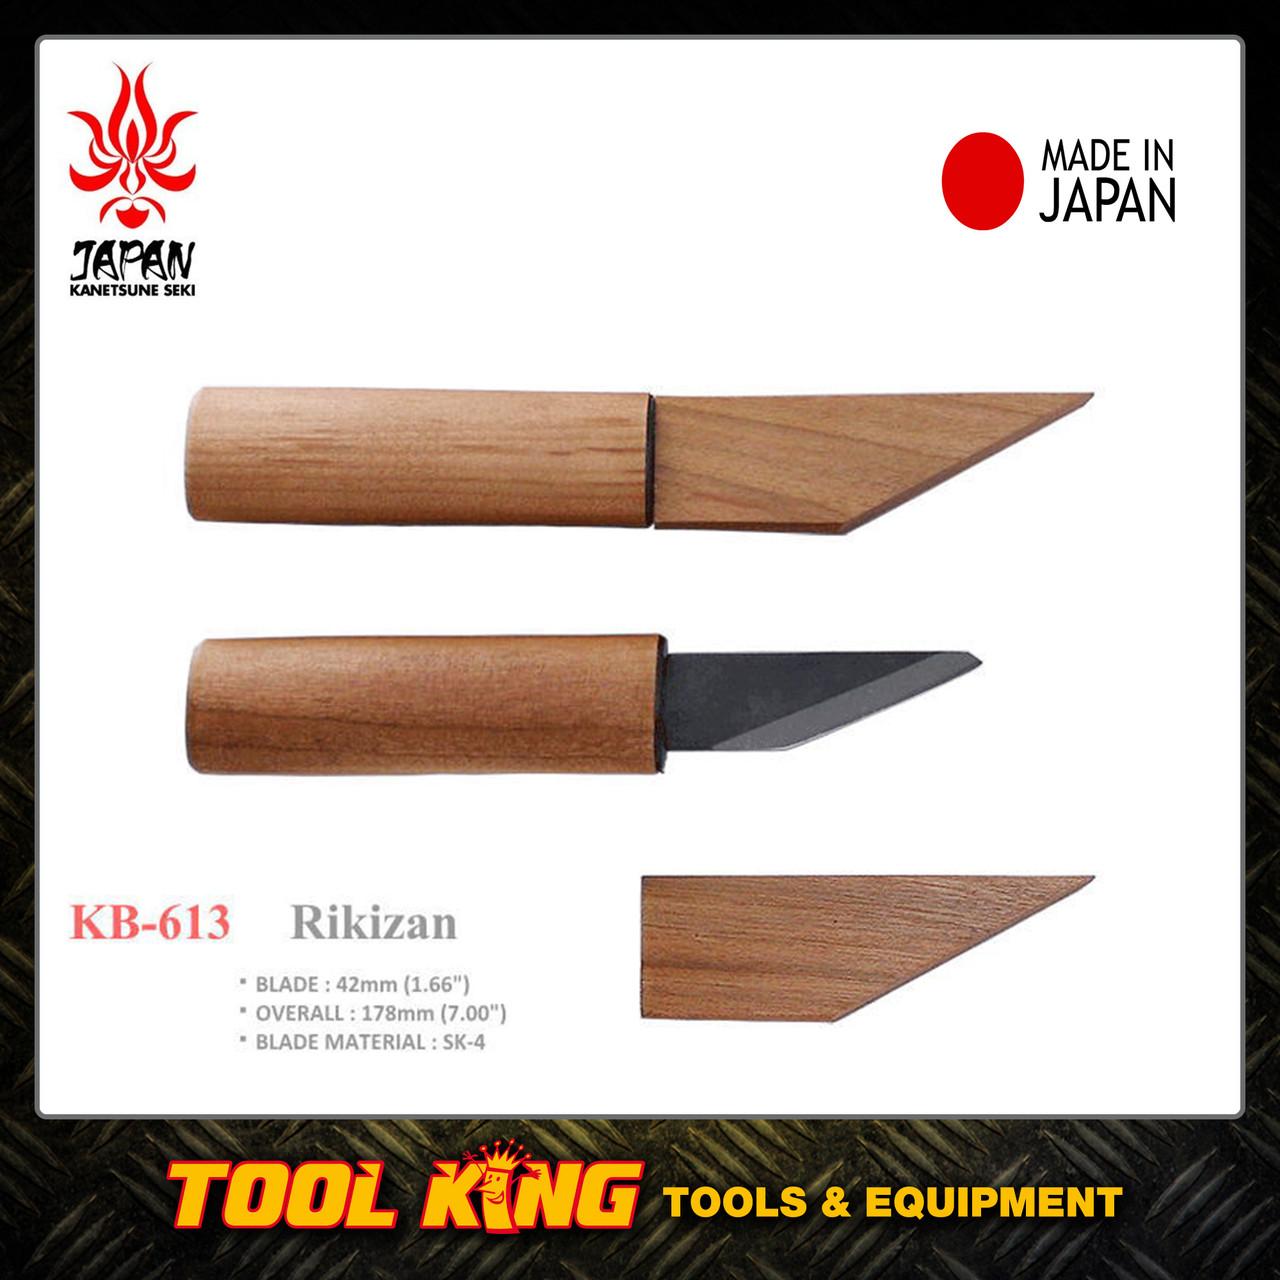 Kiradashi Rikizan handcrafts knife Made in Japan